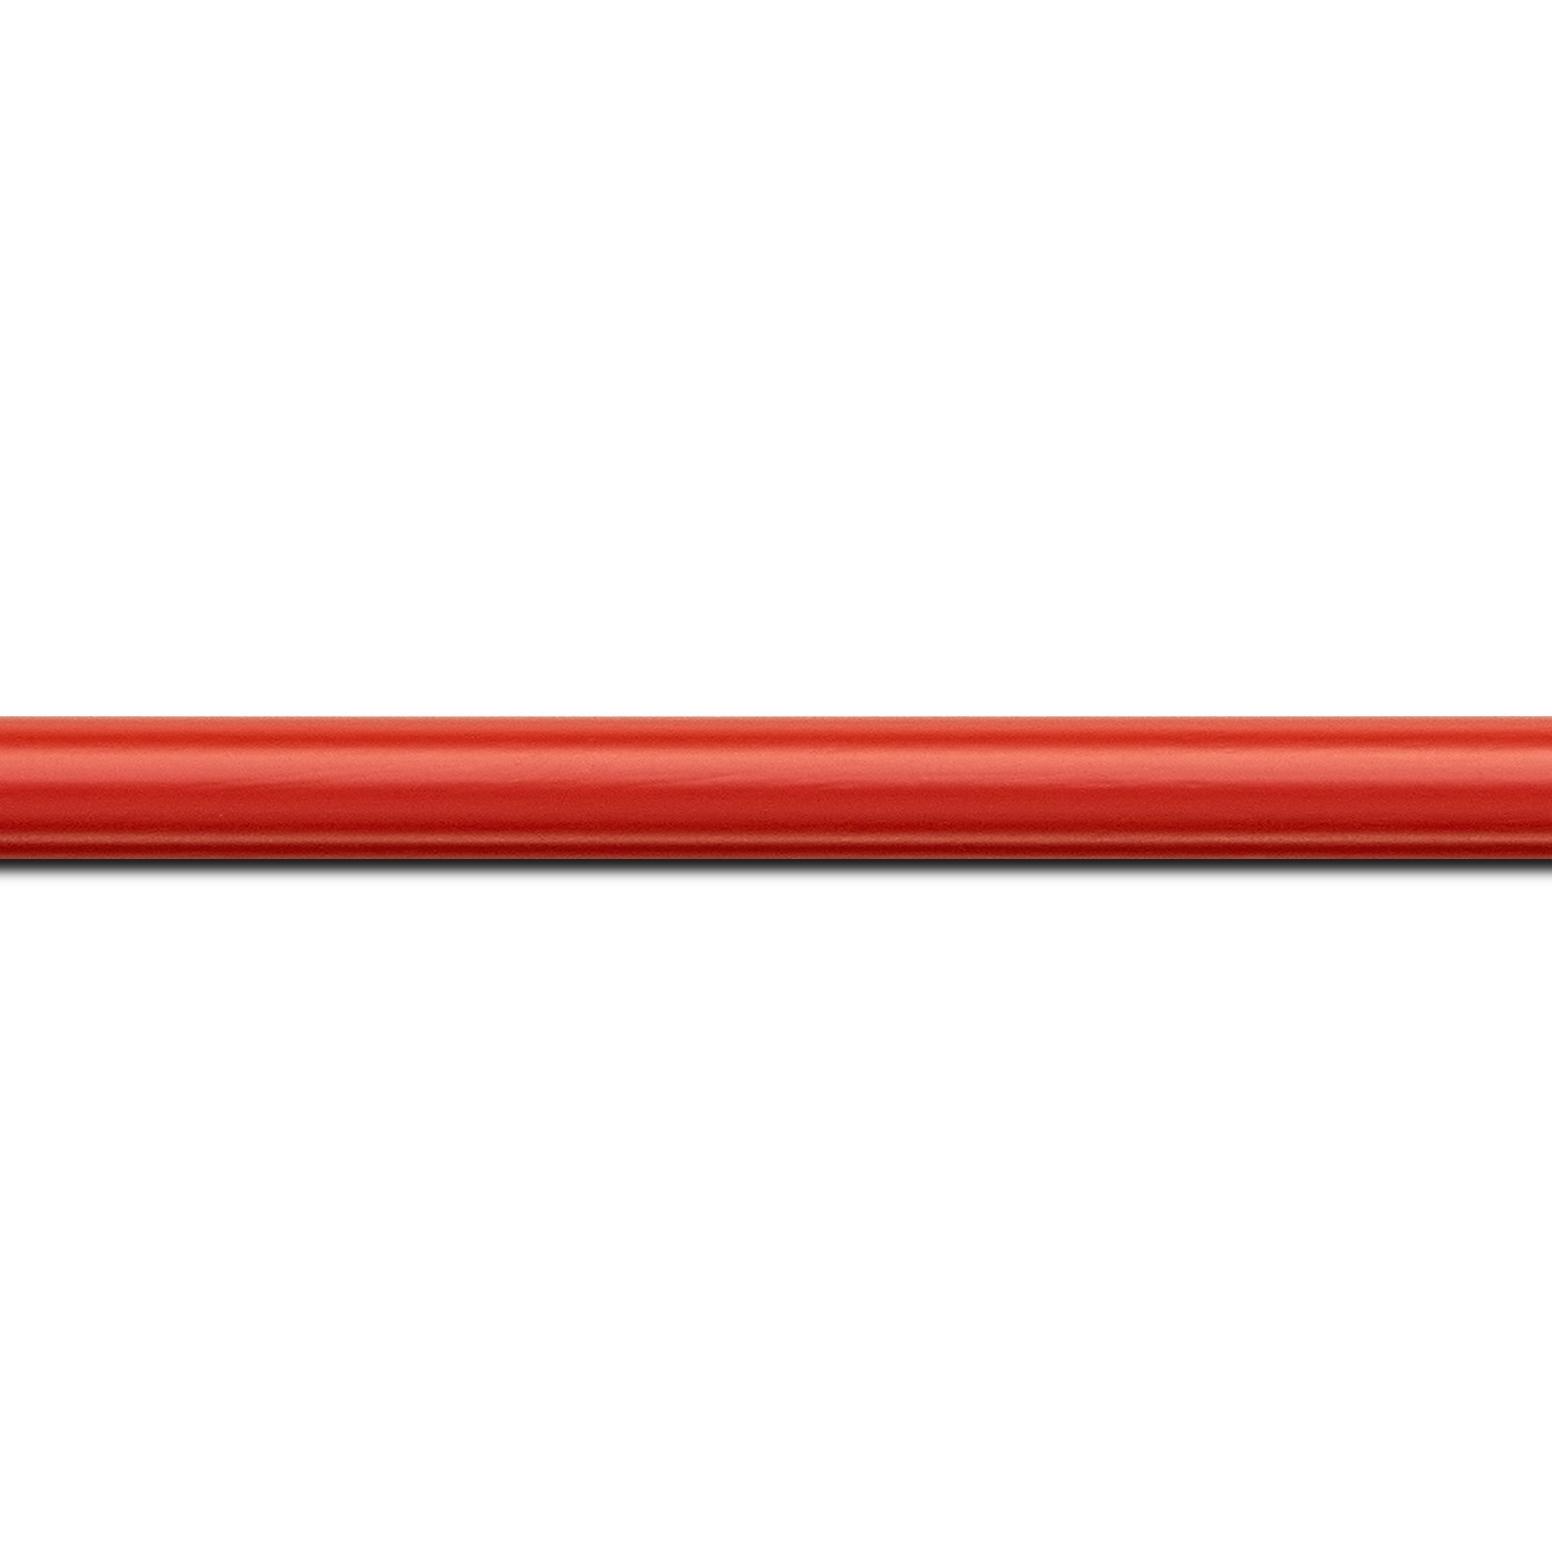 Pack par 12m, bois profil demi rond largeur 1.5cm couleur rouge ferrari mat (longueur baguette pouvant varier entre 2.40m et 3m selon arrivage des bois)